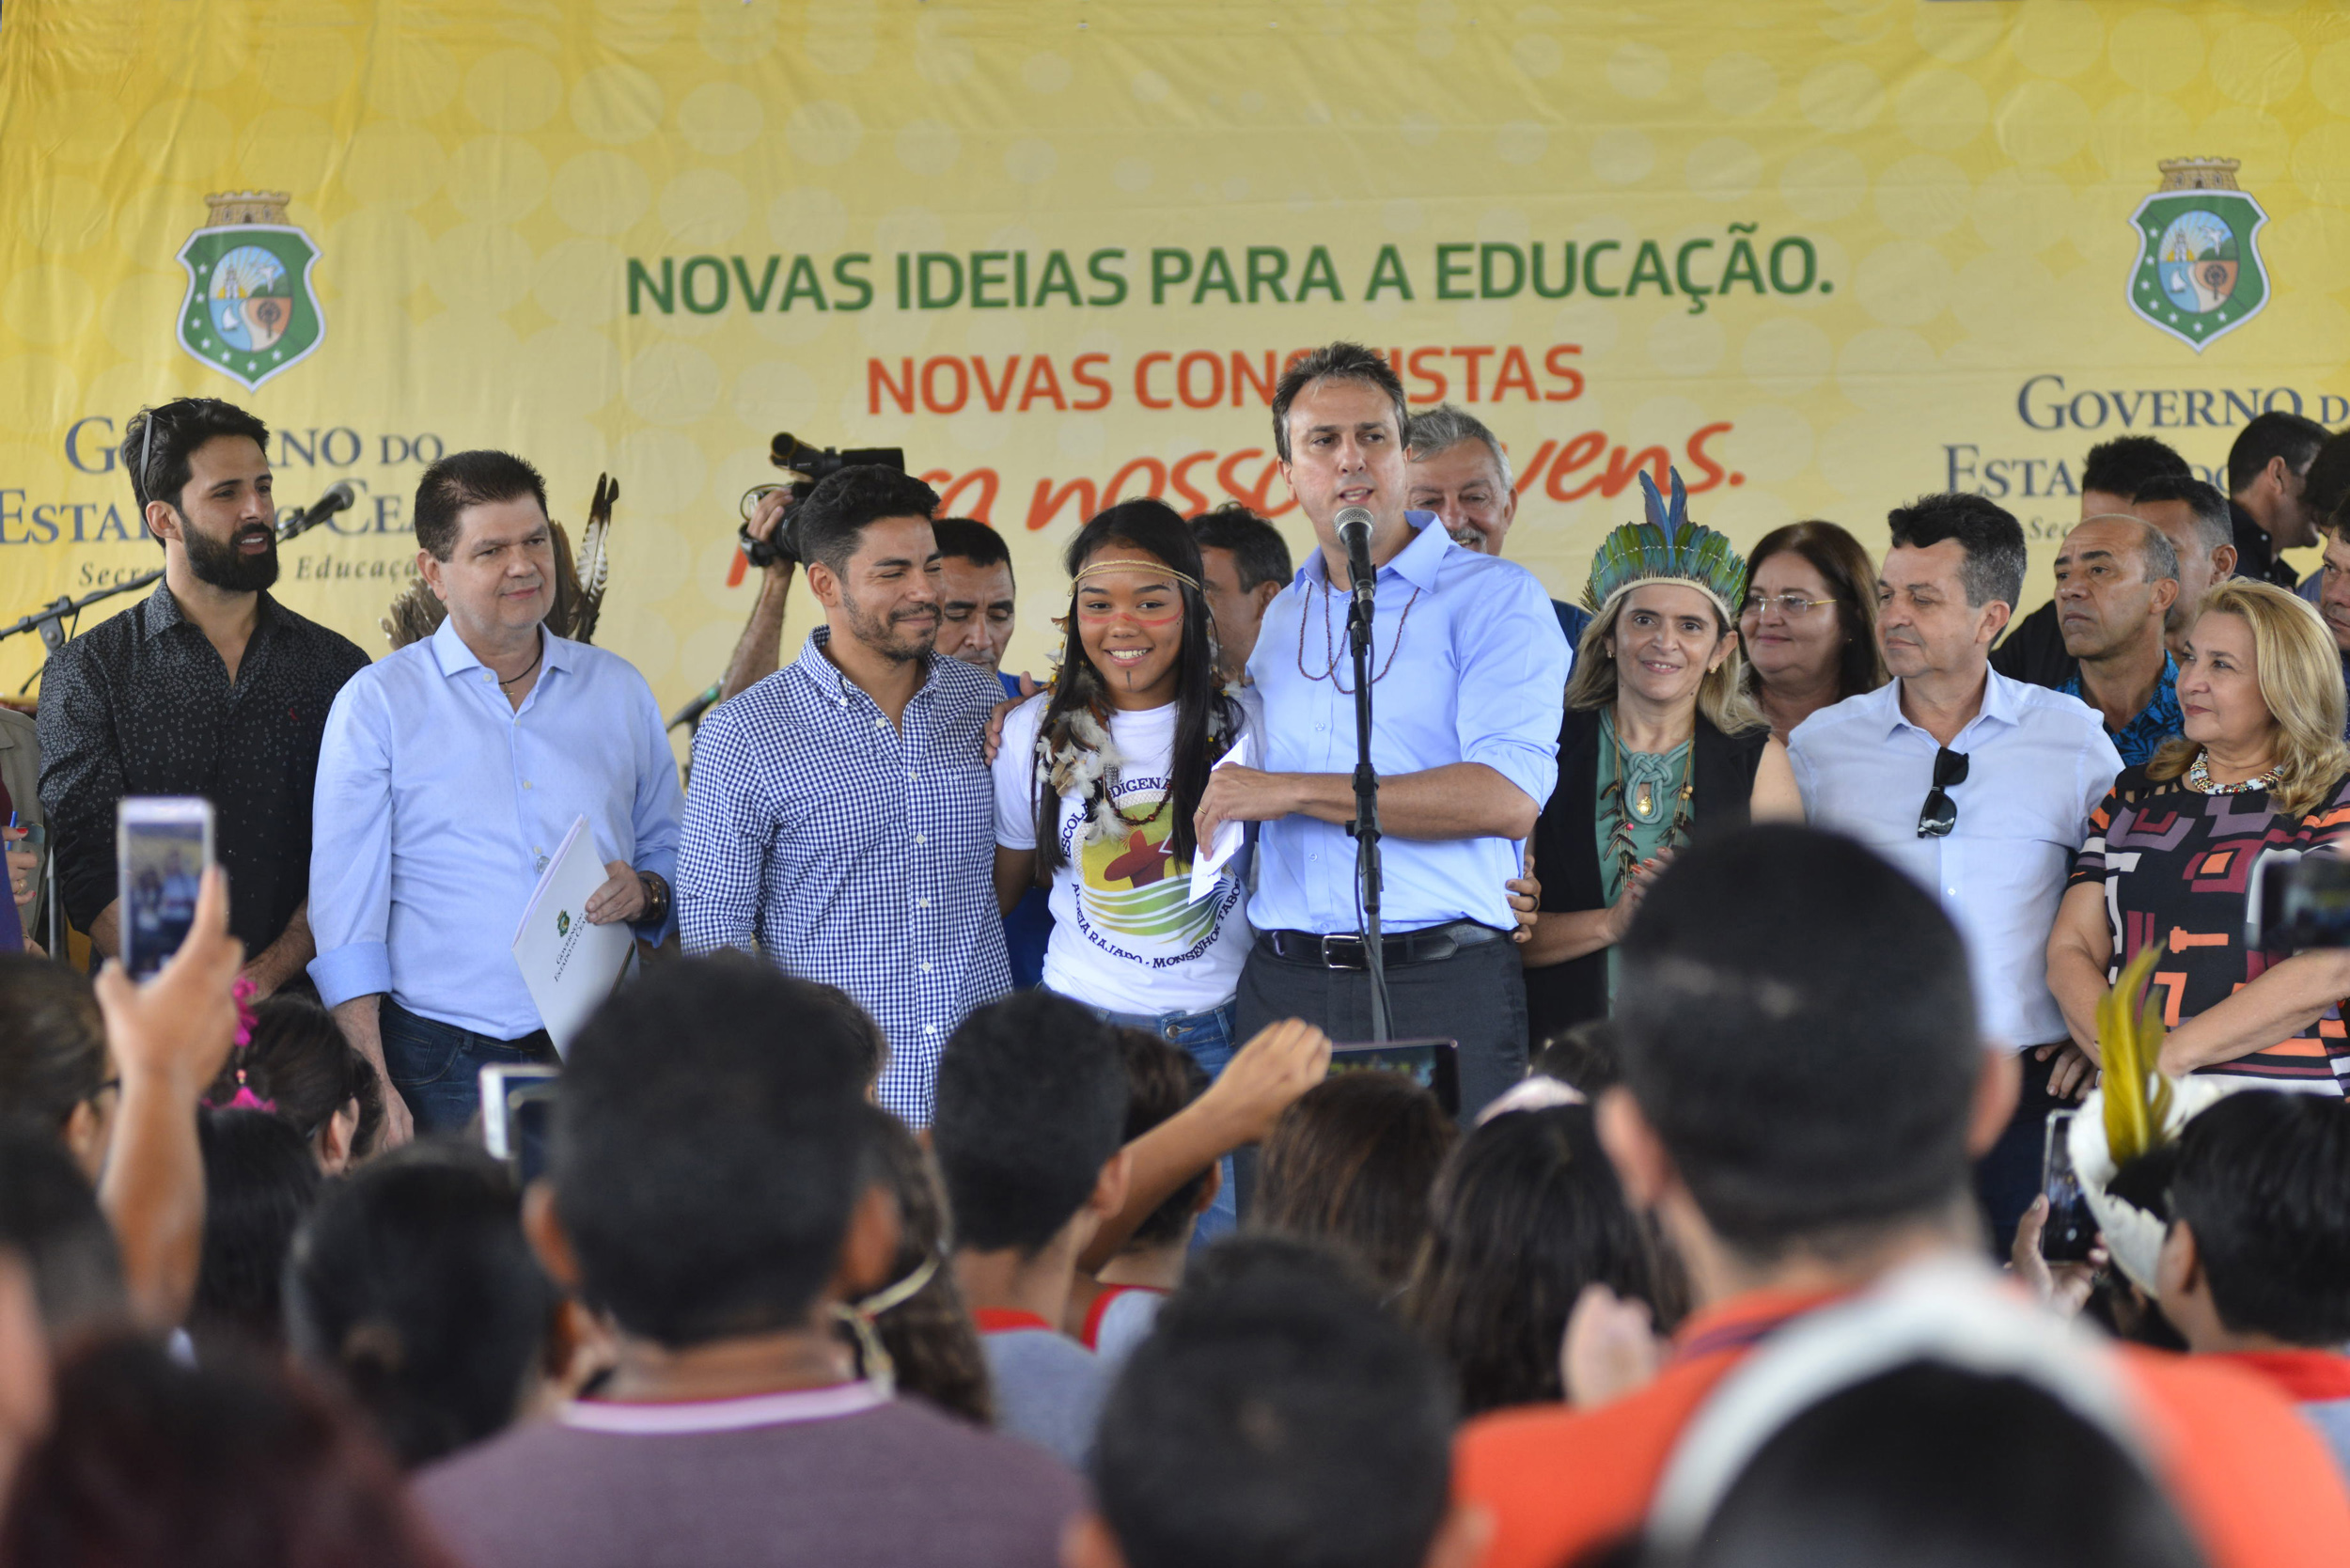 Comunidade indígena de Monsenhor Tabosa recebe escola nova para atender crianças, jovens e adultos